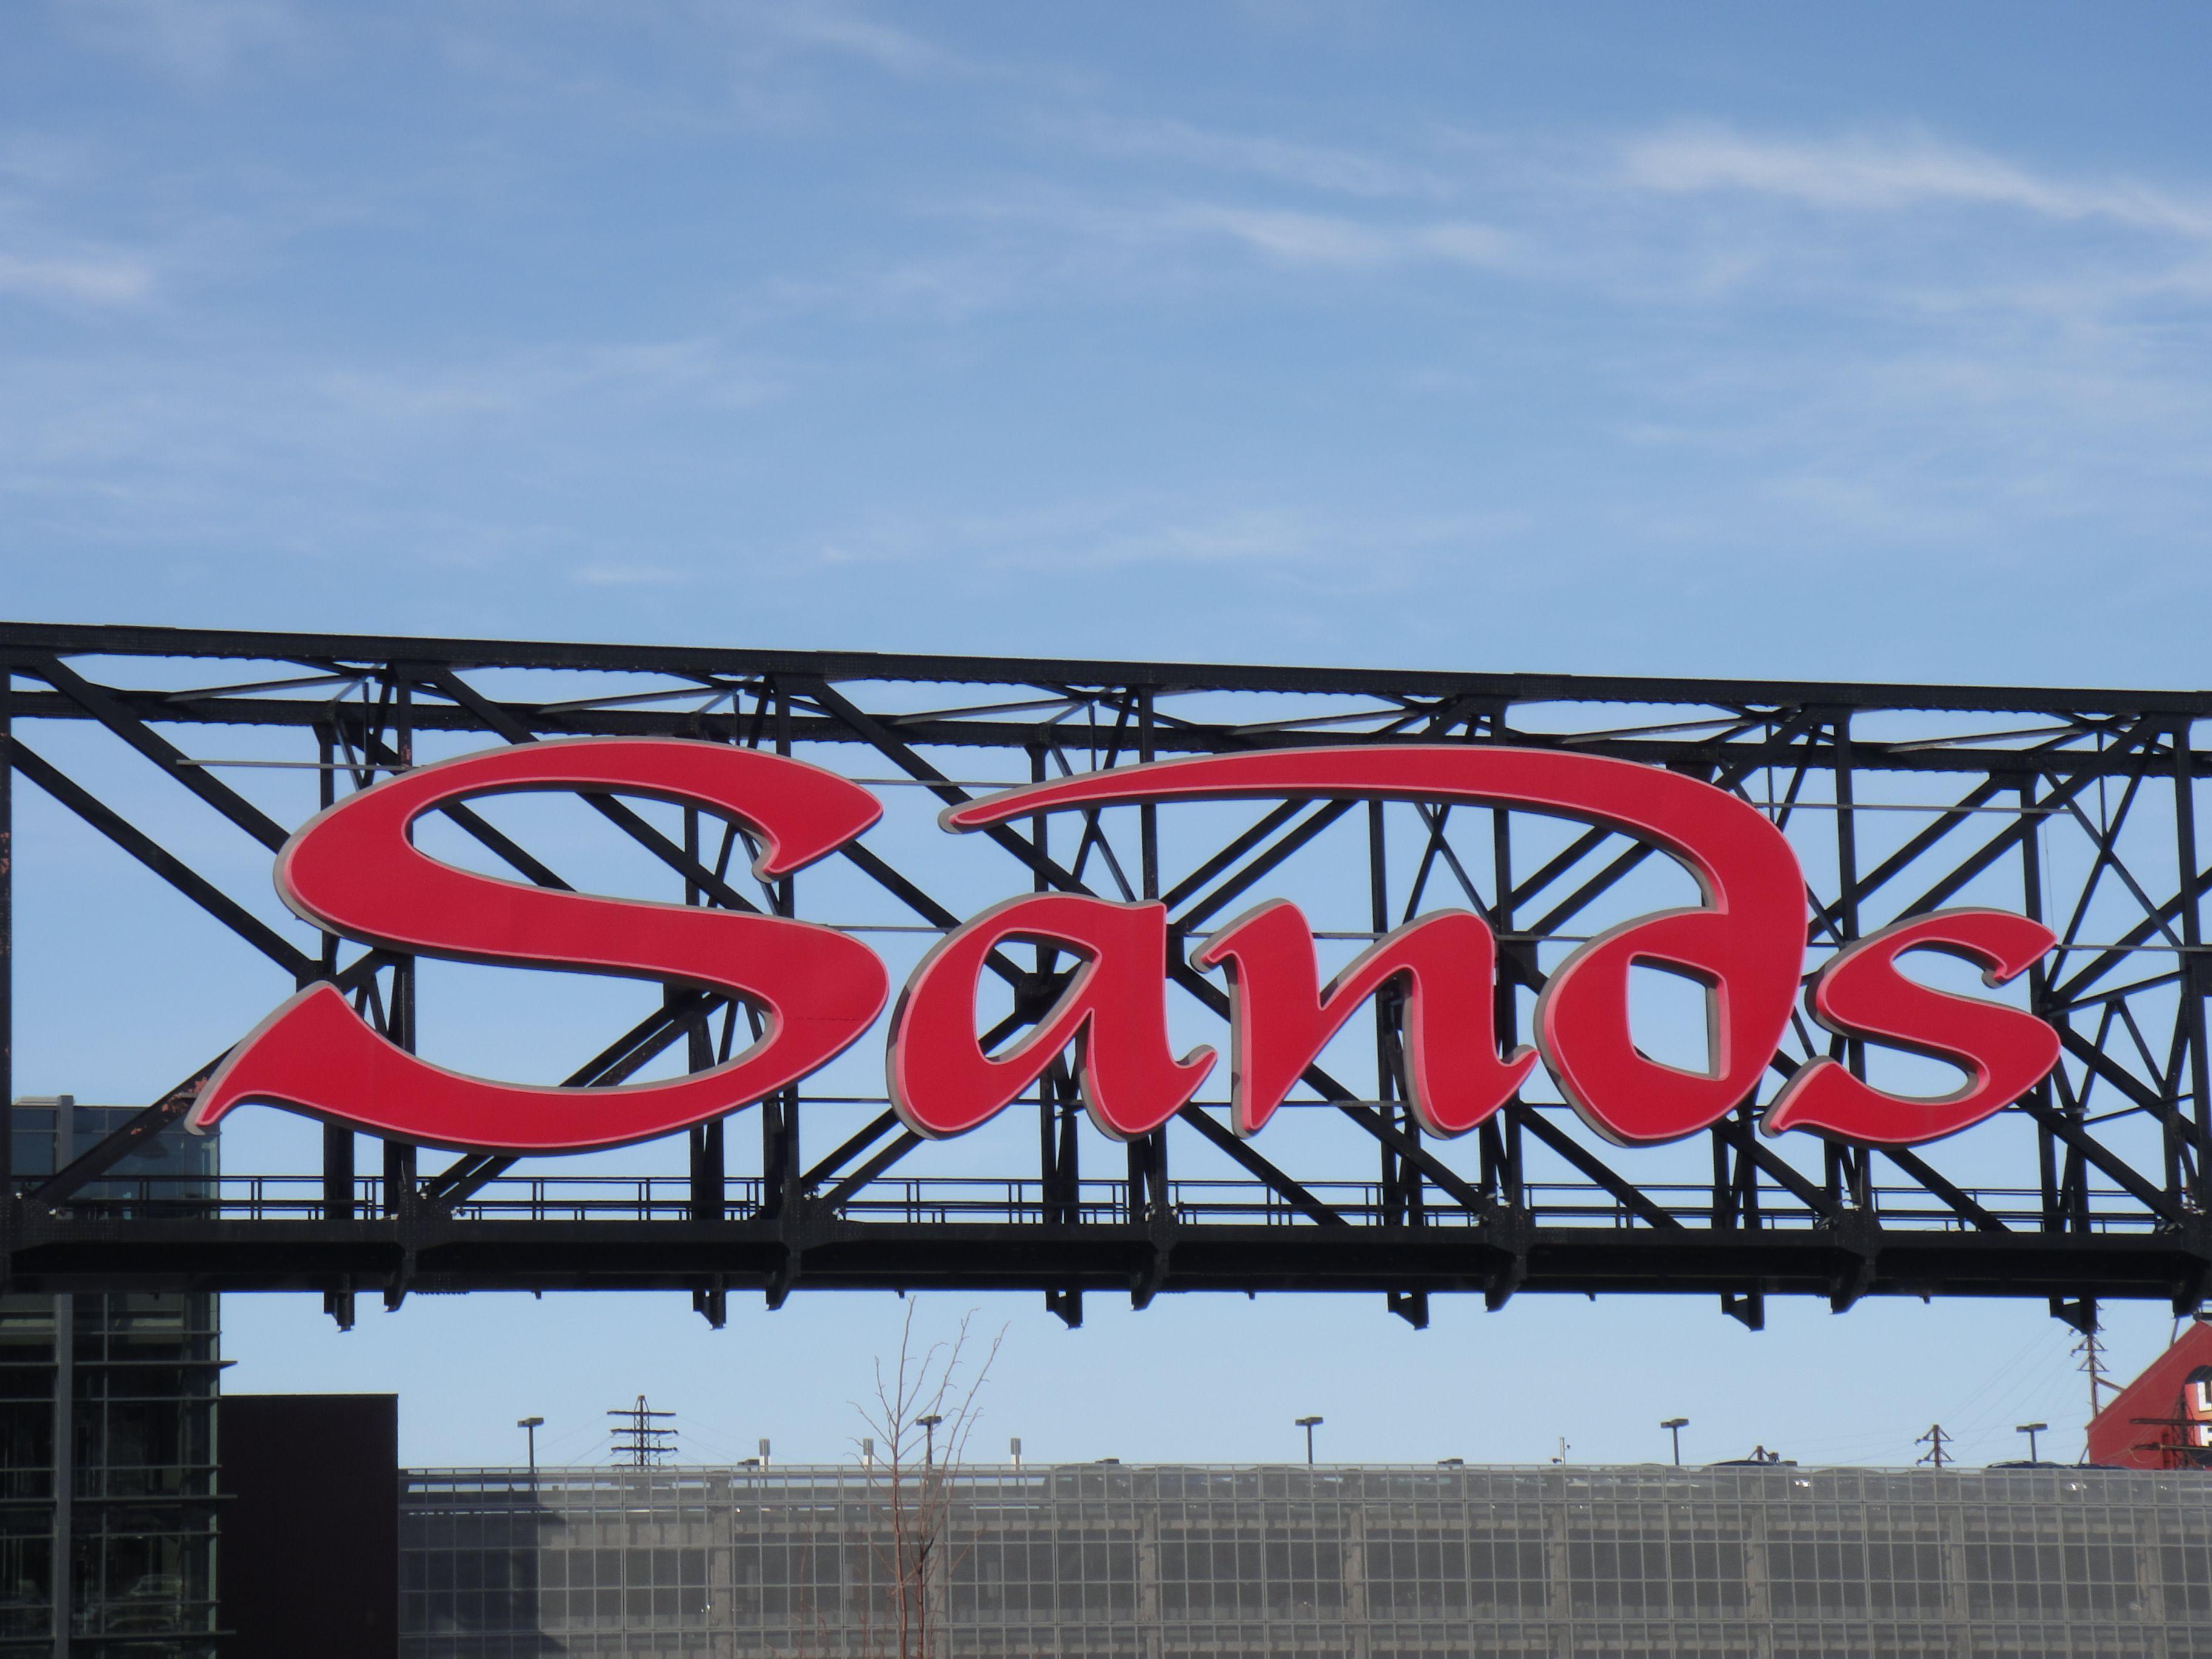 50 free spins starburst no deposit 2019